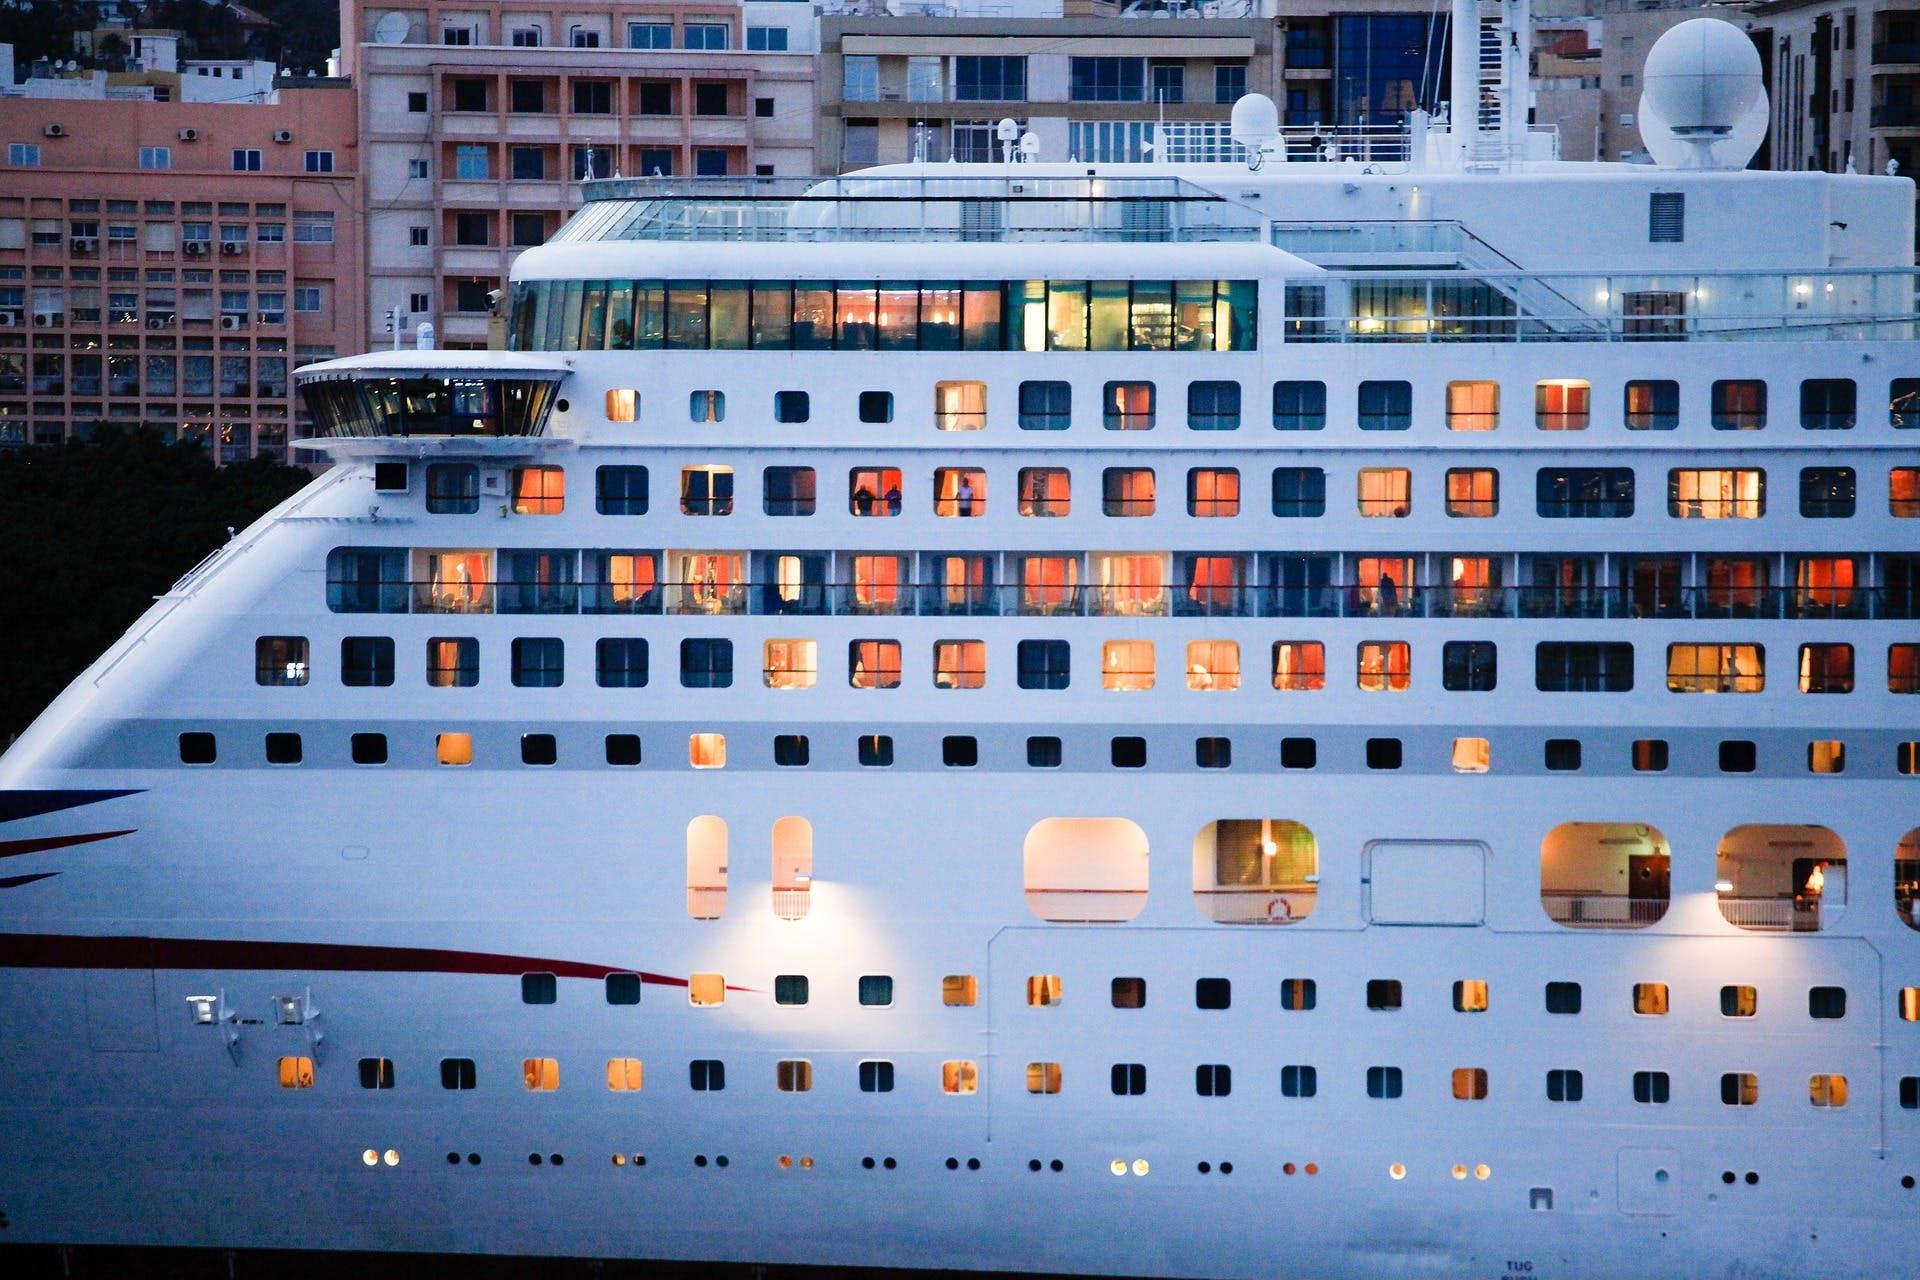 lateral de um navio de cruzeiro, mostrando as janelas das cabines